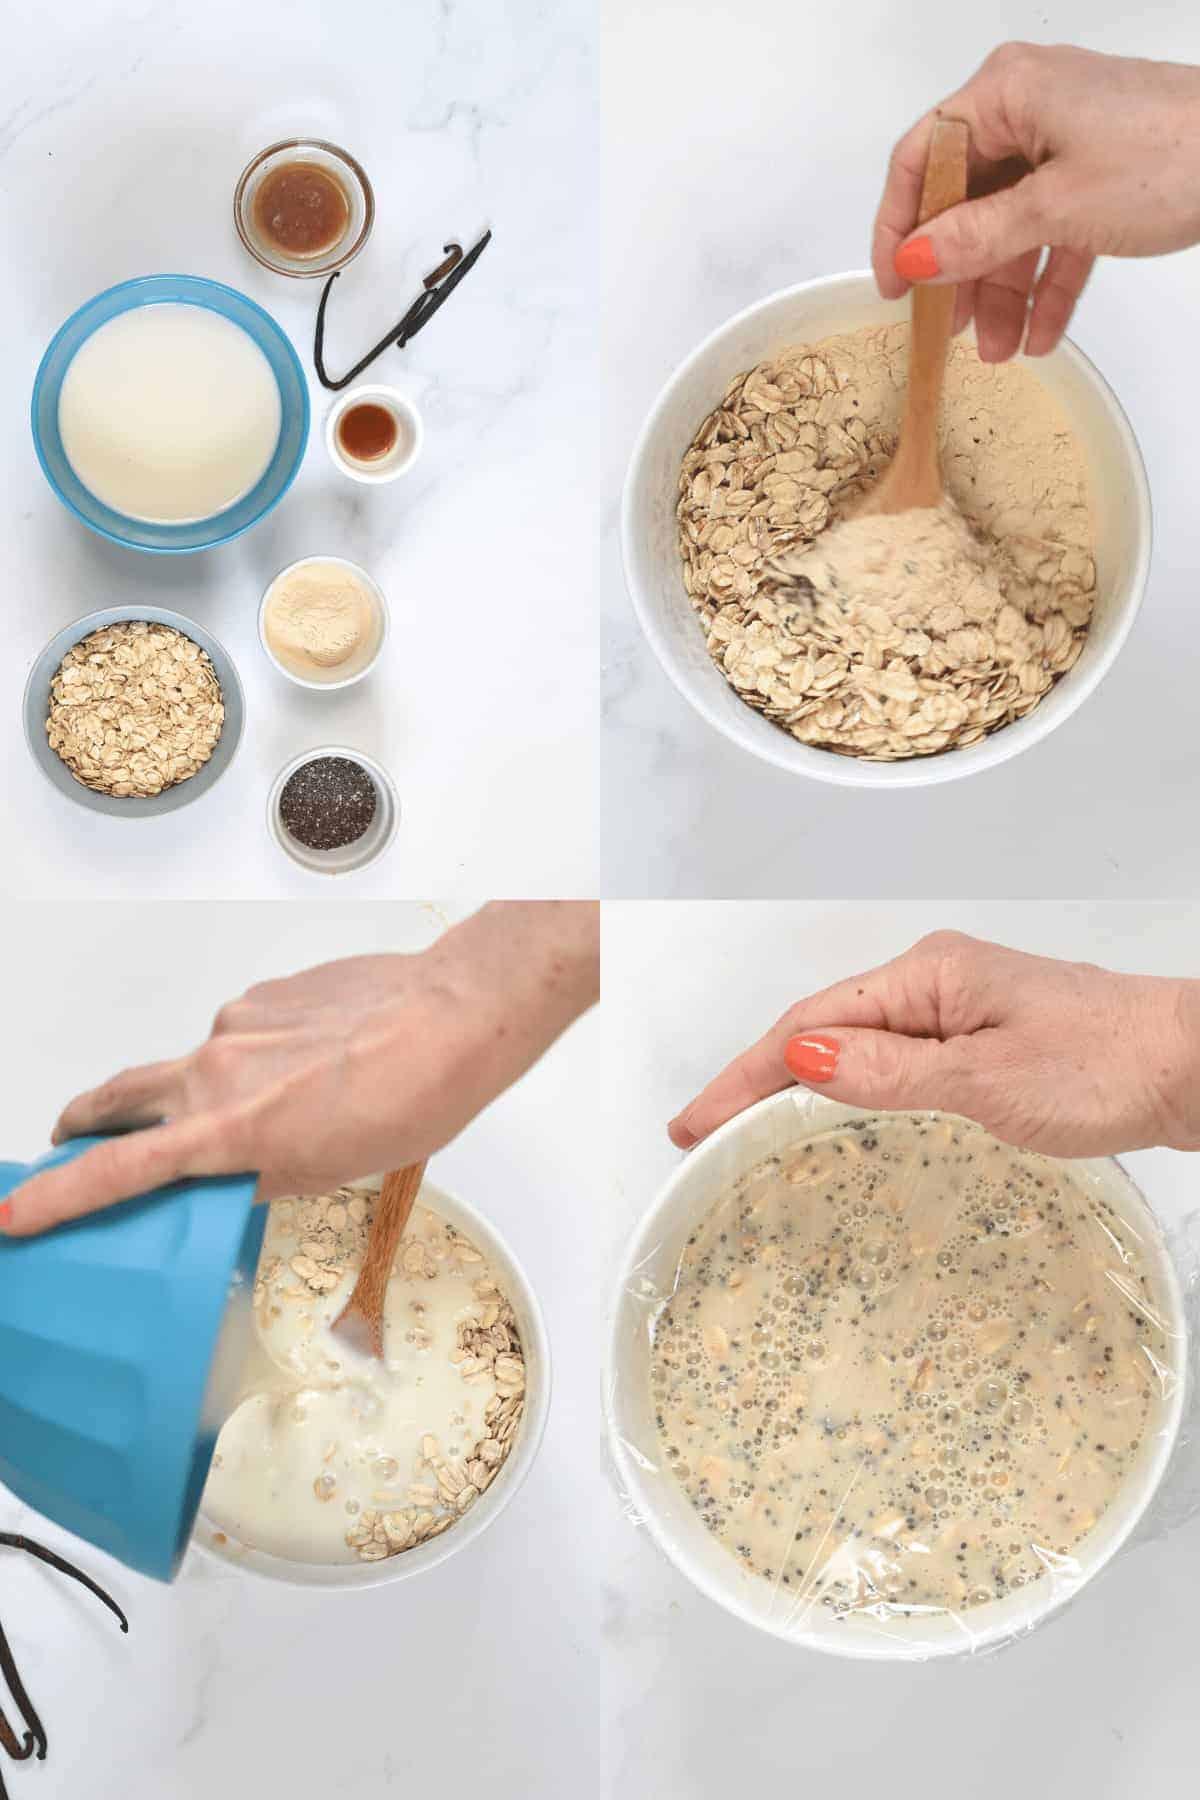 How to make Vanilla Overnight Oats